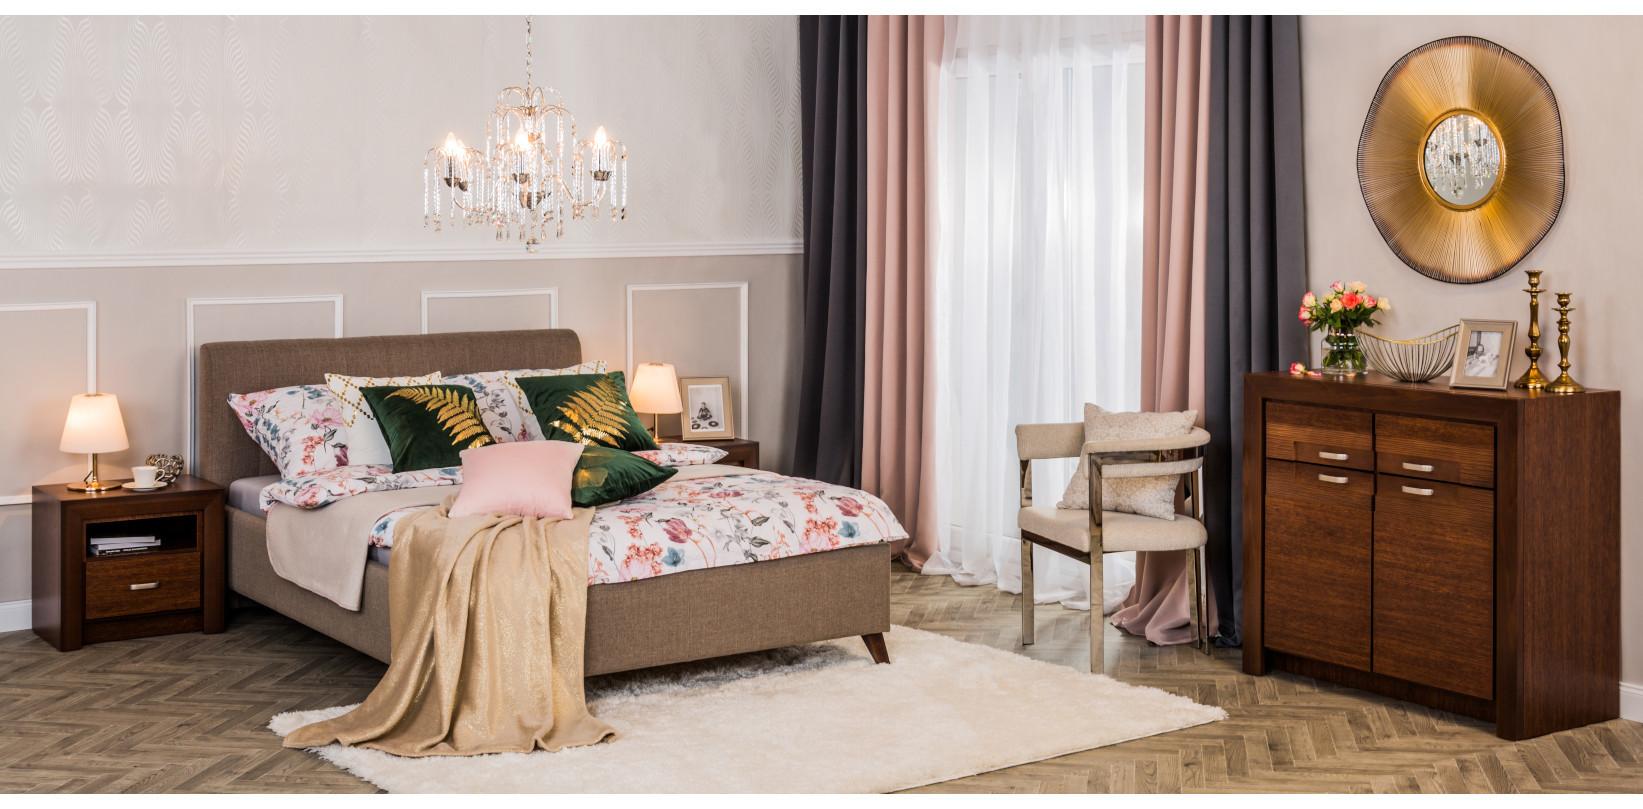 Sypialnia W Stylu Klasycznym Czy Nowoczesnym Sprawdź Która